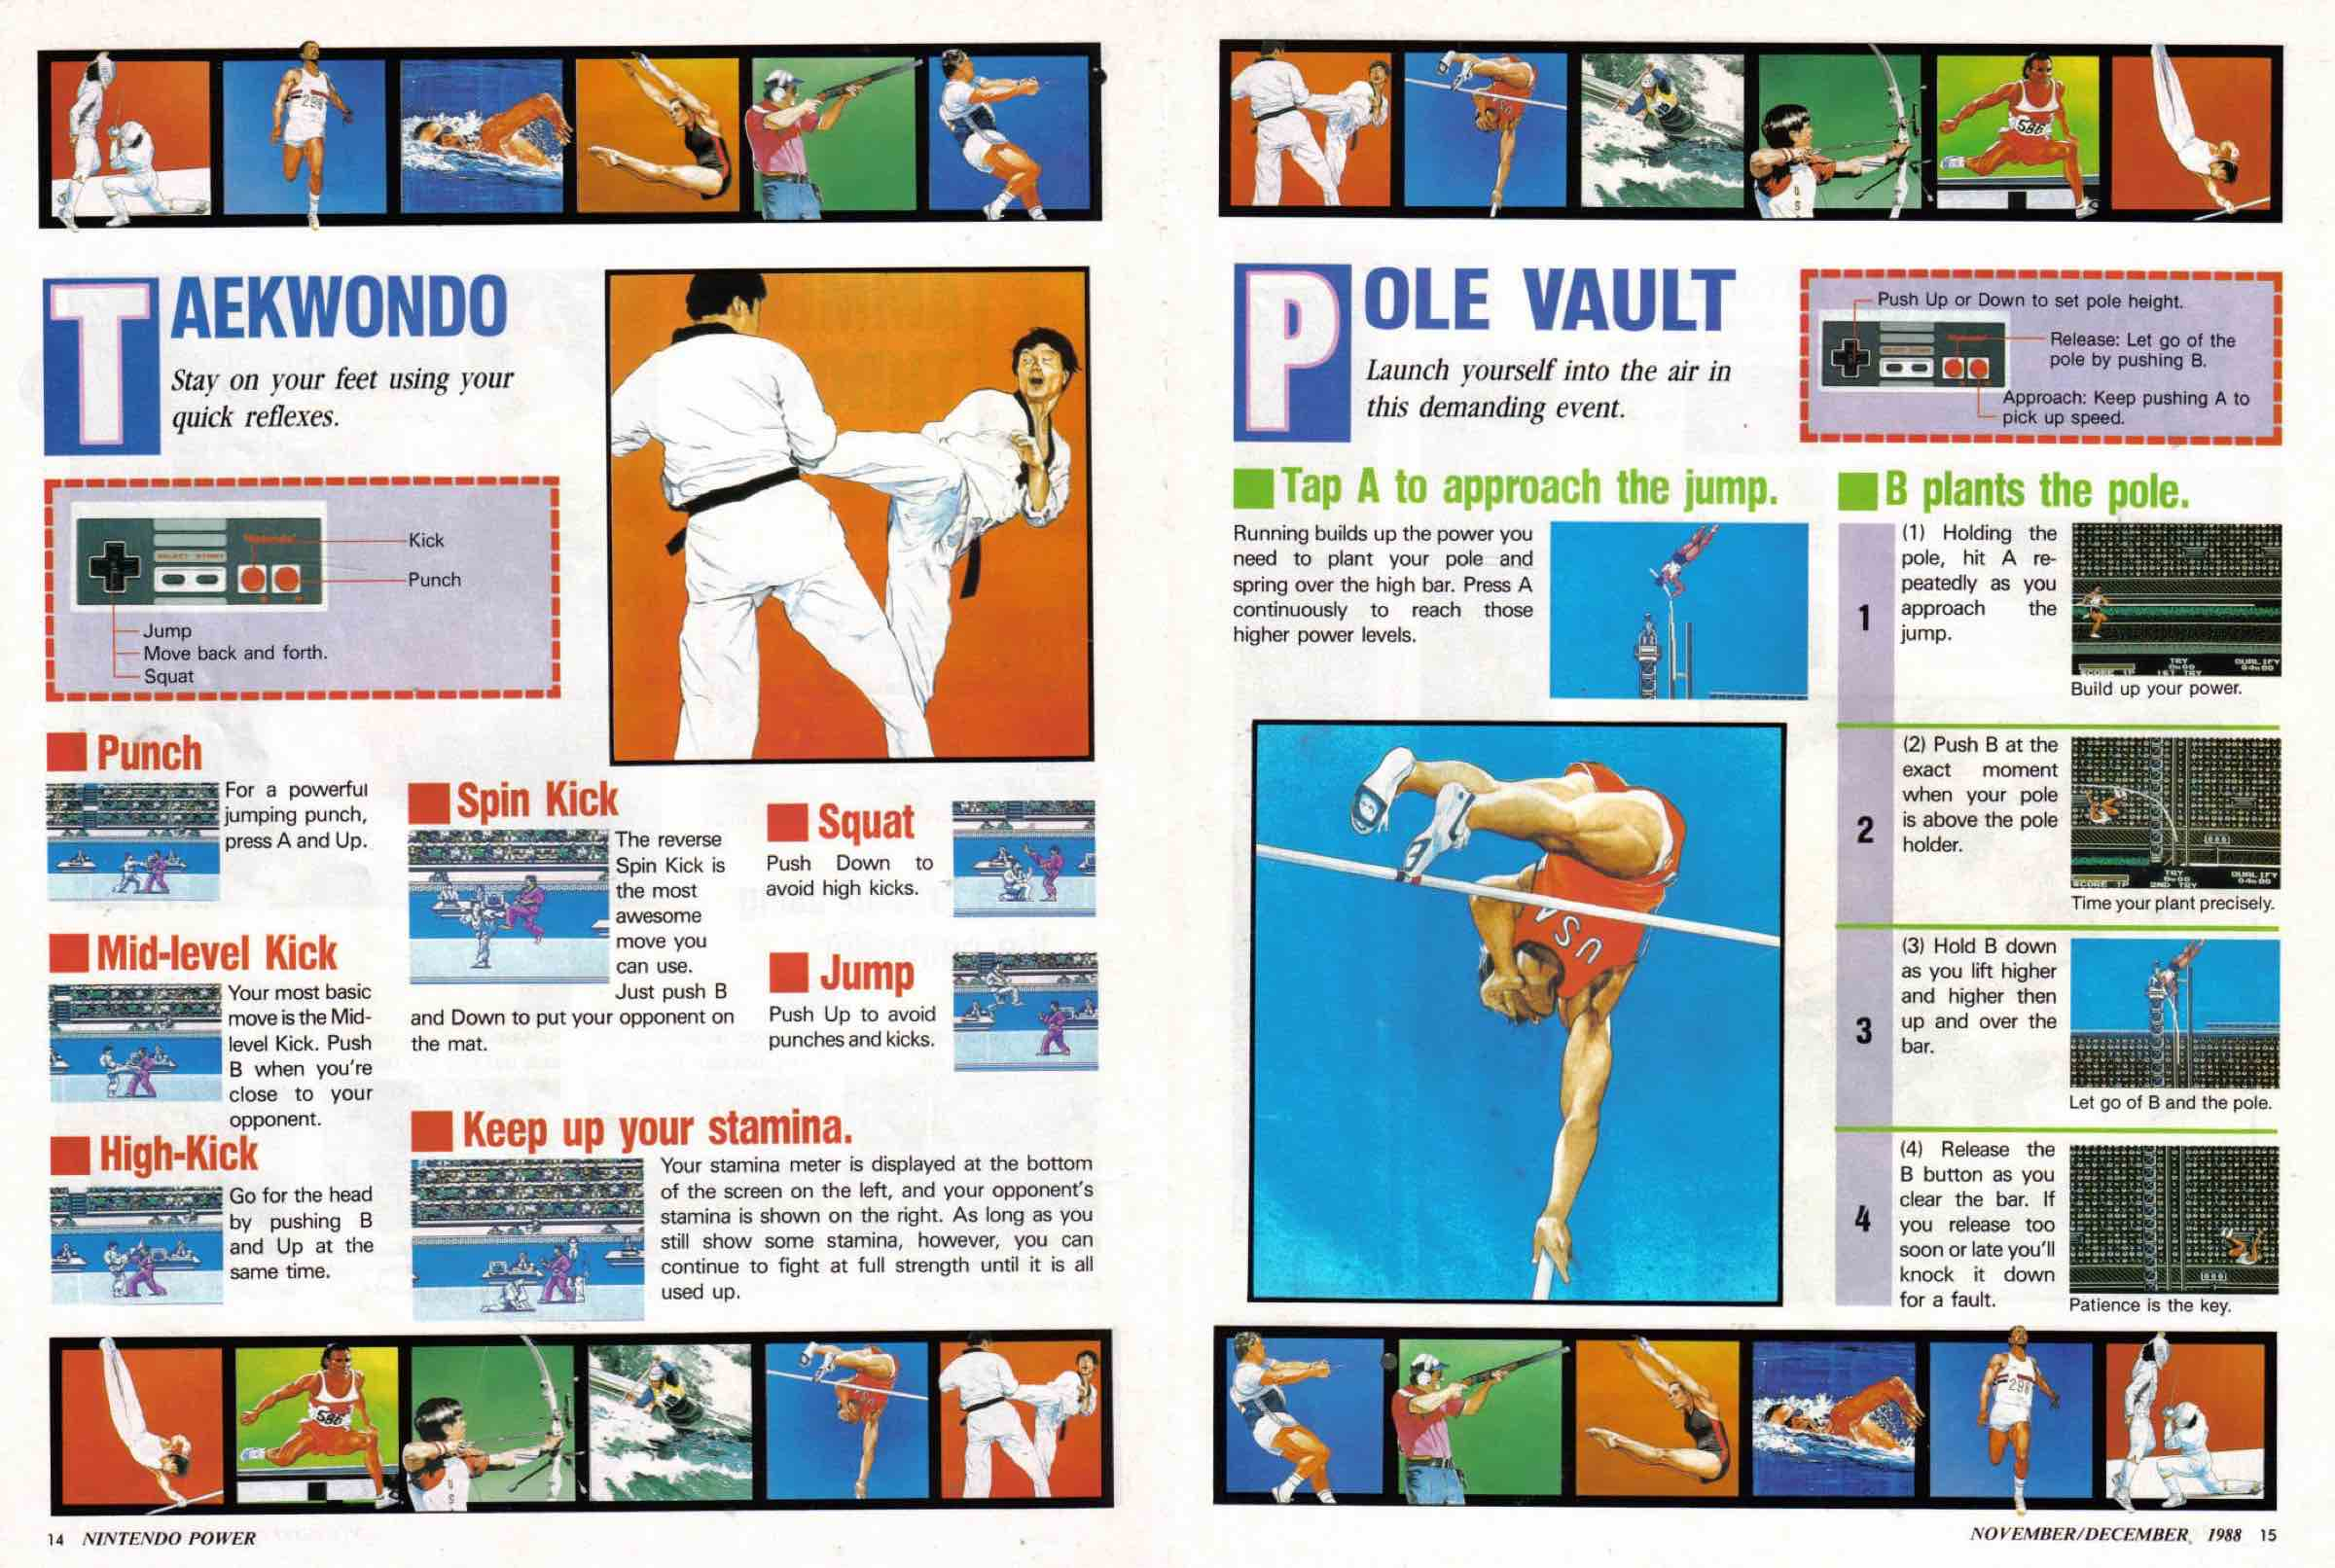 Nintendo Power | Nov Dec 1988-14-15